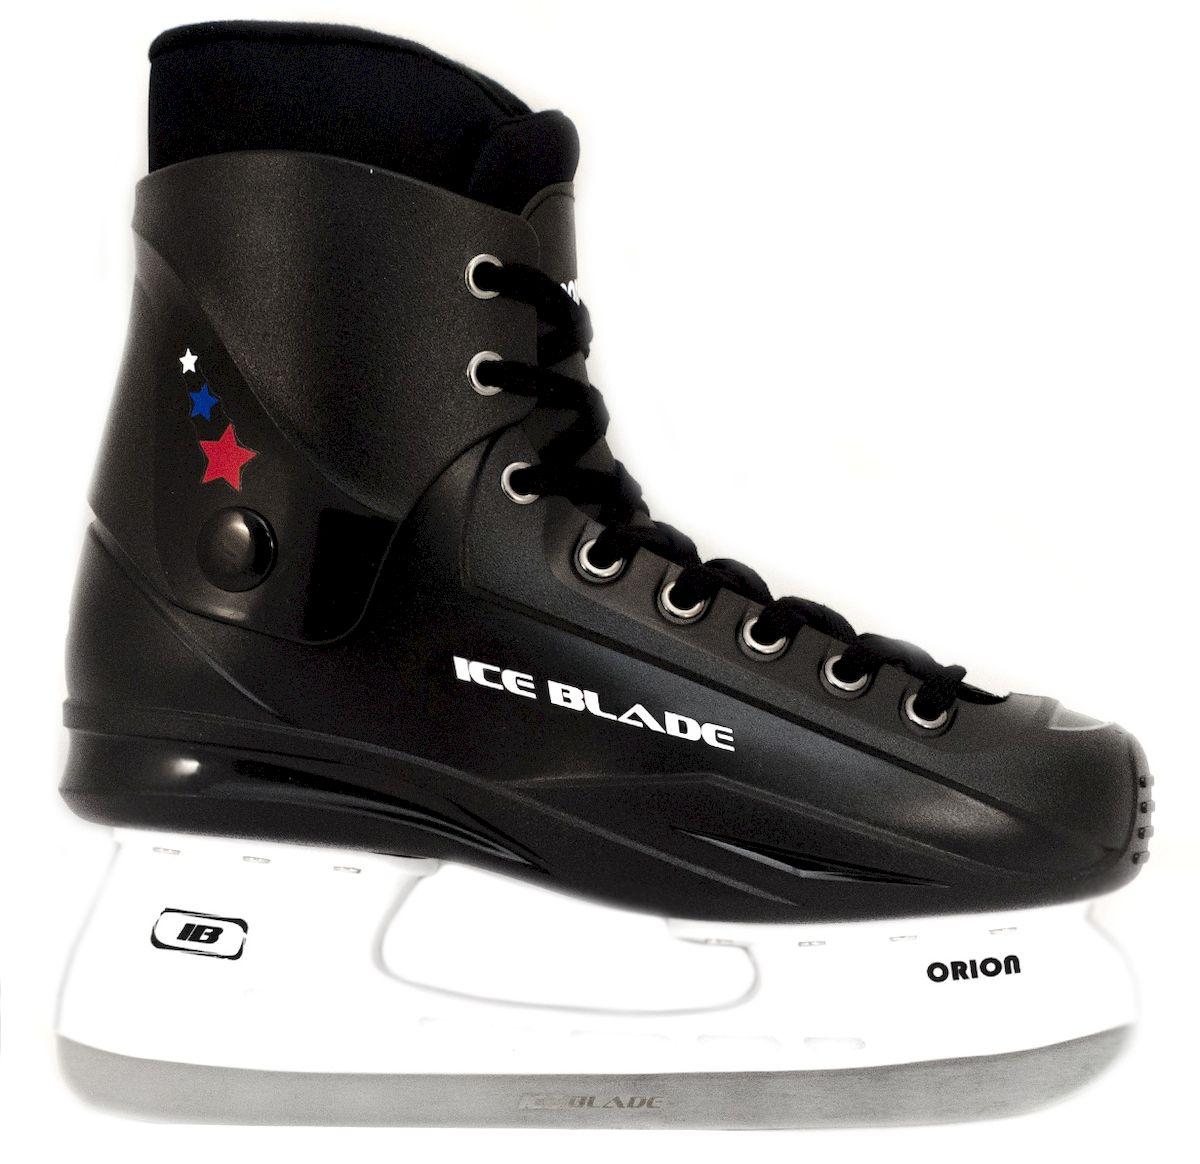 Коньки хоккейные Ice Blade Orion, цвет: черный. УТ-00004984. Размер 46Atemi Force 3.0 2012 Black-GrayКоньки хоккейные Ice Blade Orion - это хоккейные коньки для любых возрастов. Конструкция прекрасно защищает стопу, очень комфортна для активного катания, а также позволяет играть в хоккей. Легкий ботинок очень комфортный как для простого катания на льду, так и для любительского хоккея. Ботинок выполнен из высококачественного морозостойкого пластика и нейлоновой сетки. Внутренний сапожок утеплен мягким и дышащим вельветом, а язычок усилен специальной вставкой для большей безопасности стопы. Лезвие изготовлено из высокоуглеродистой стали, что гарантирует прочность и долговечность.Удобная система фиксации ноги и улучшенная колодка сделают катание комфортным и безопасным.